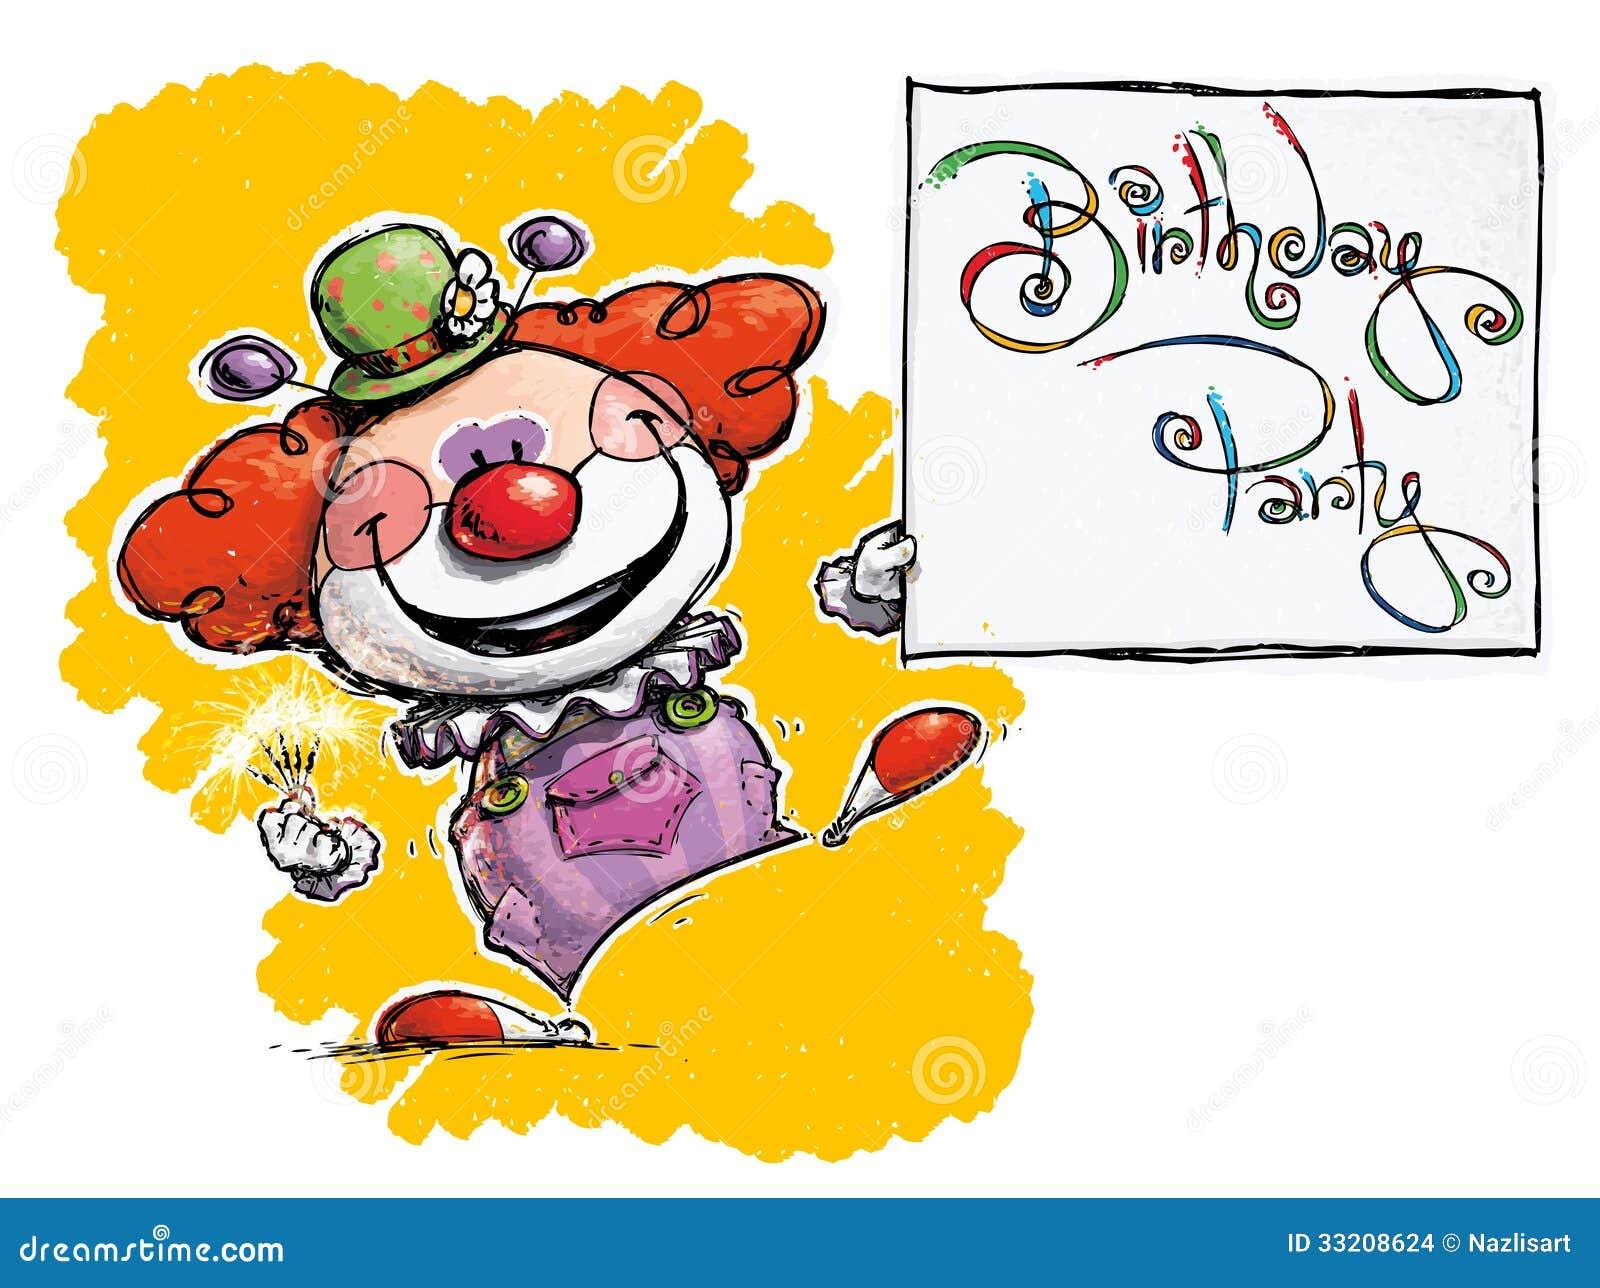 clown holding une carte de f te d 39 anniversaire images stock image 33208624. Black Bedroom Furniture Sets. Home Design Ideas